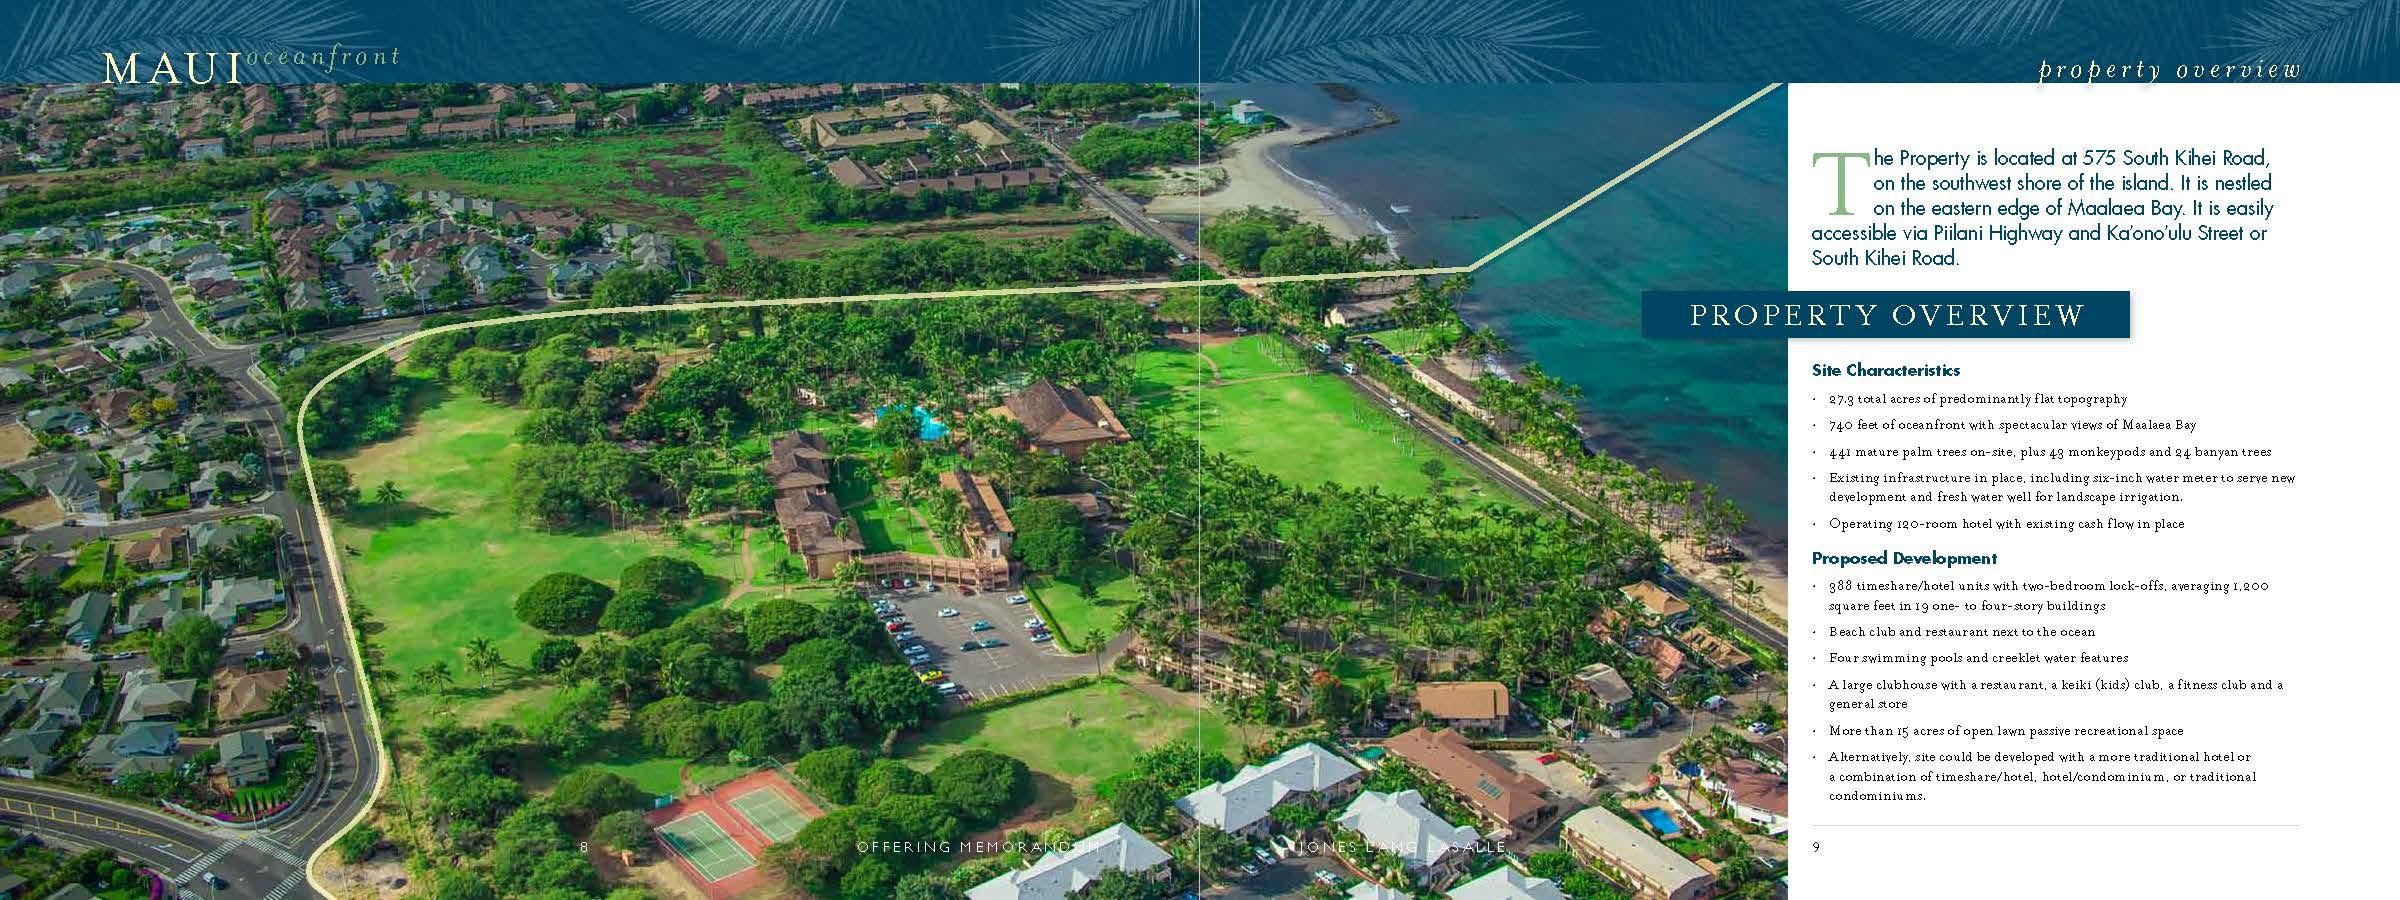 Maui Lu OM 1005 jpegs_Page_05.jpg